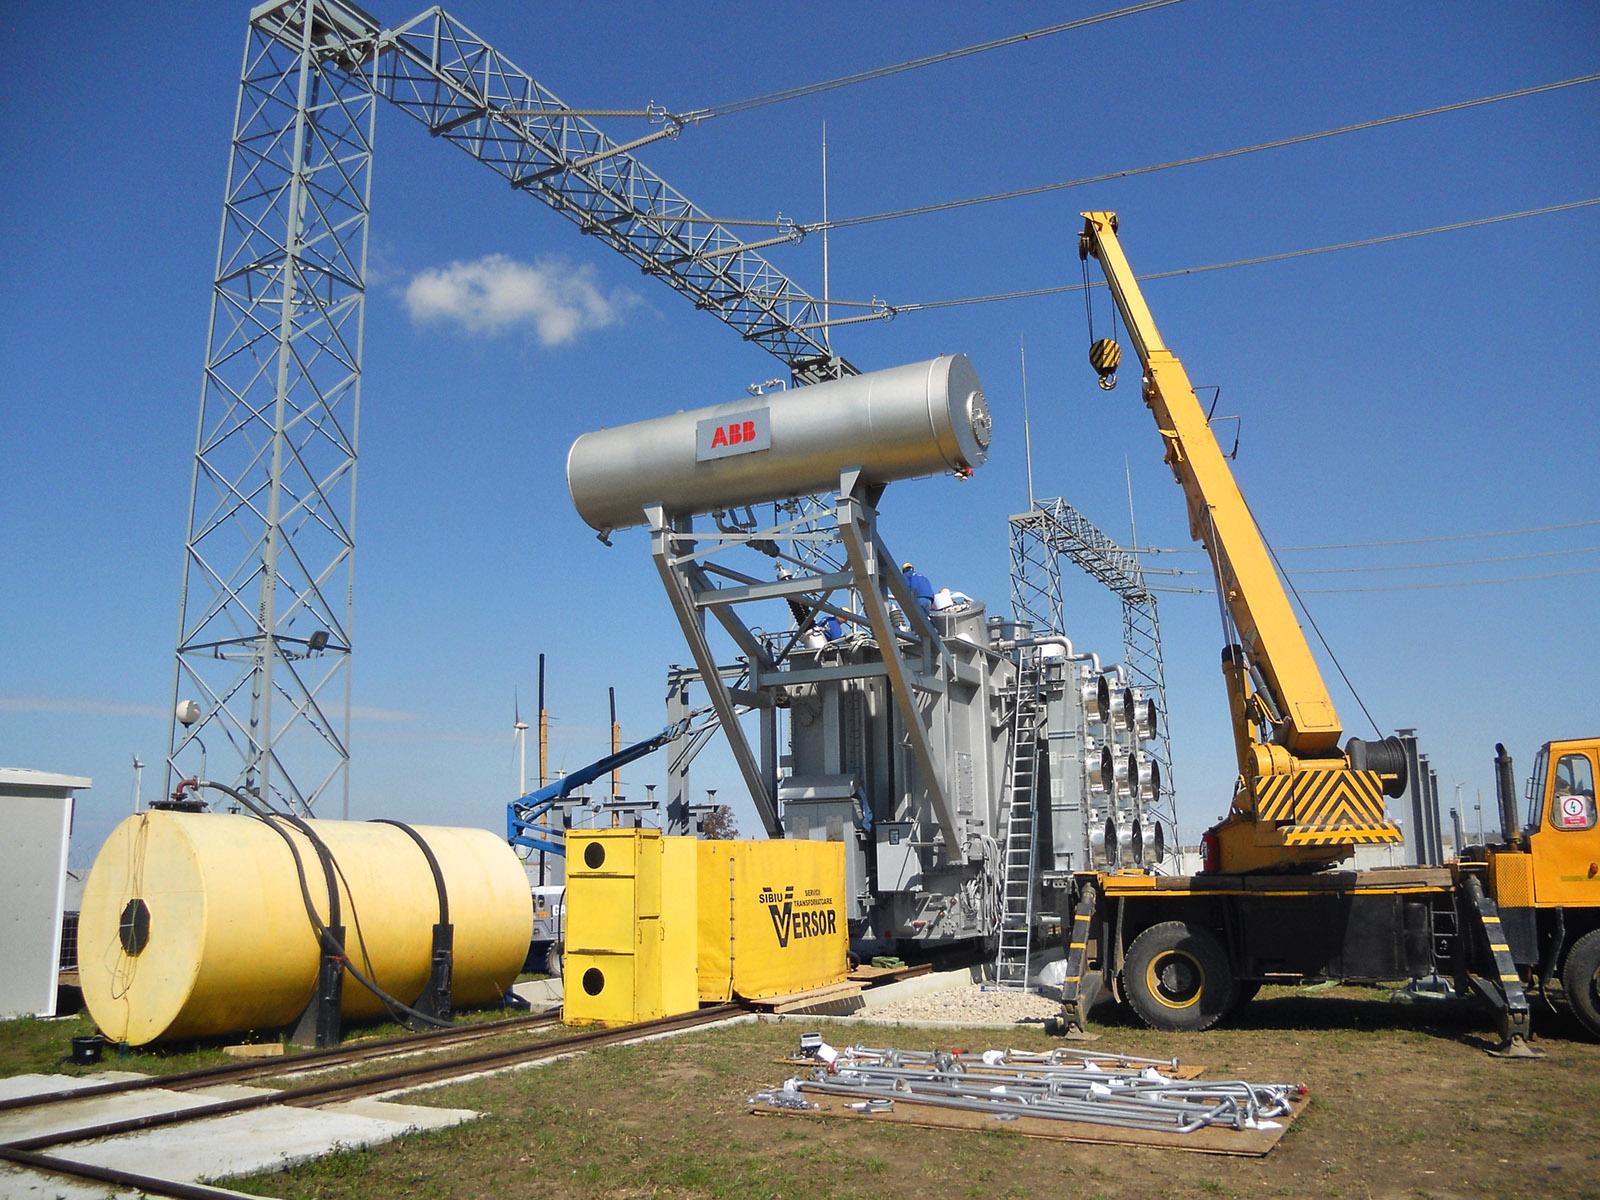 Versor Servicii Transformatoare tratare ulei, montare, statie eoliana